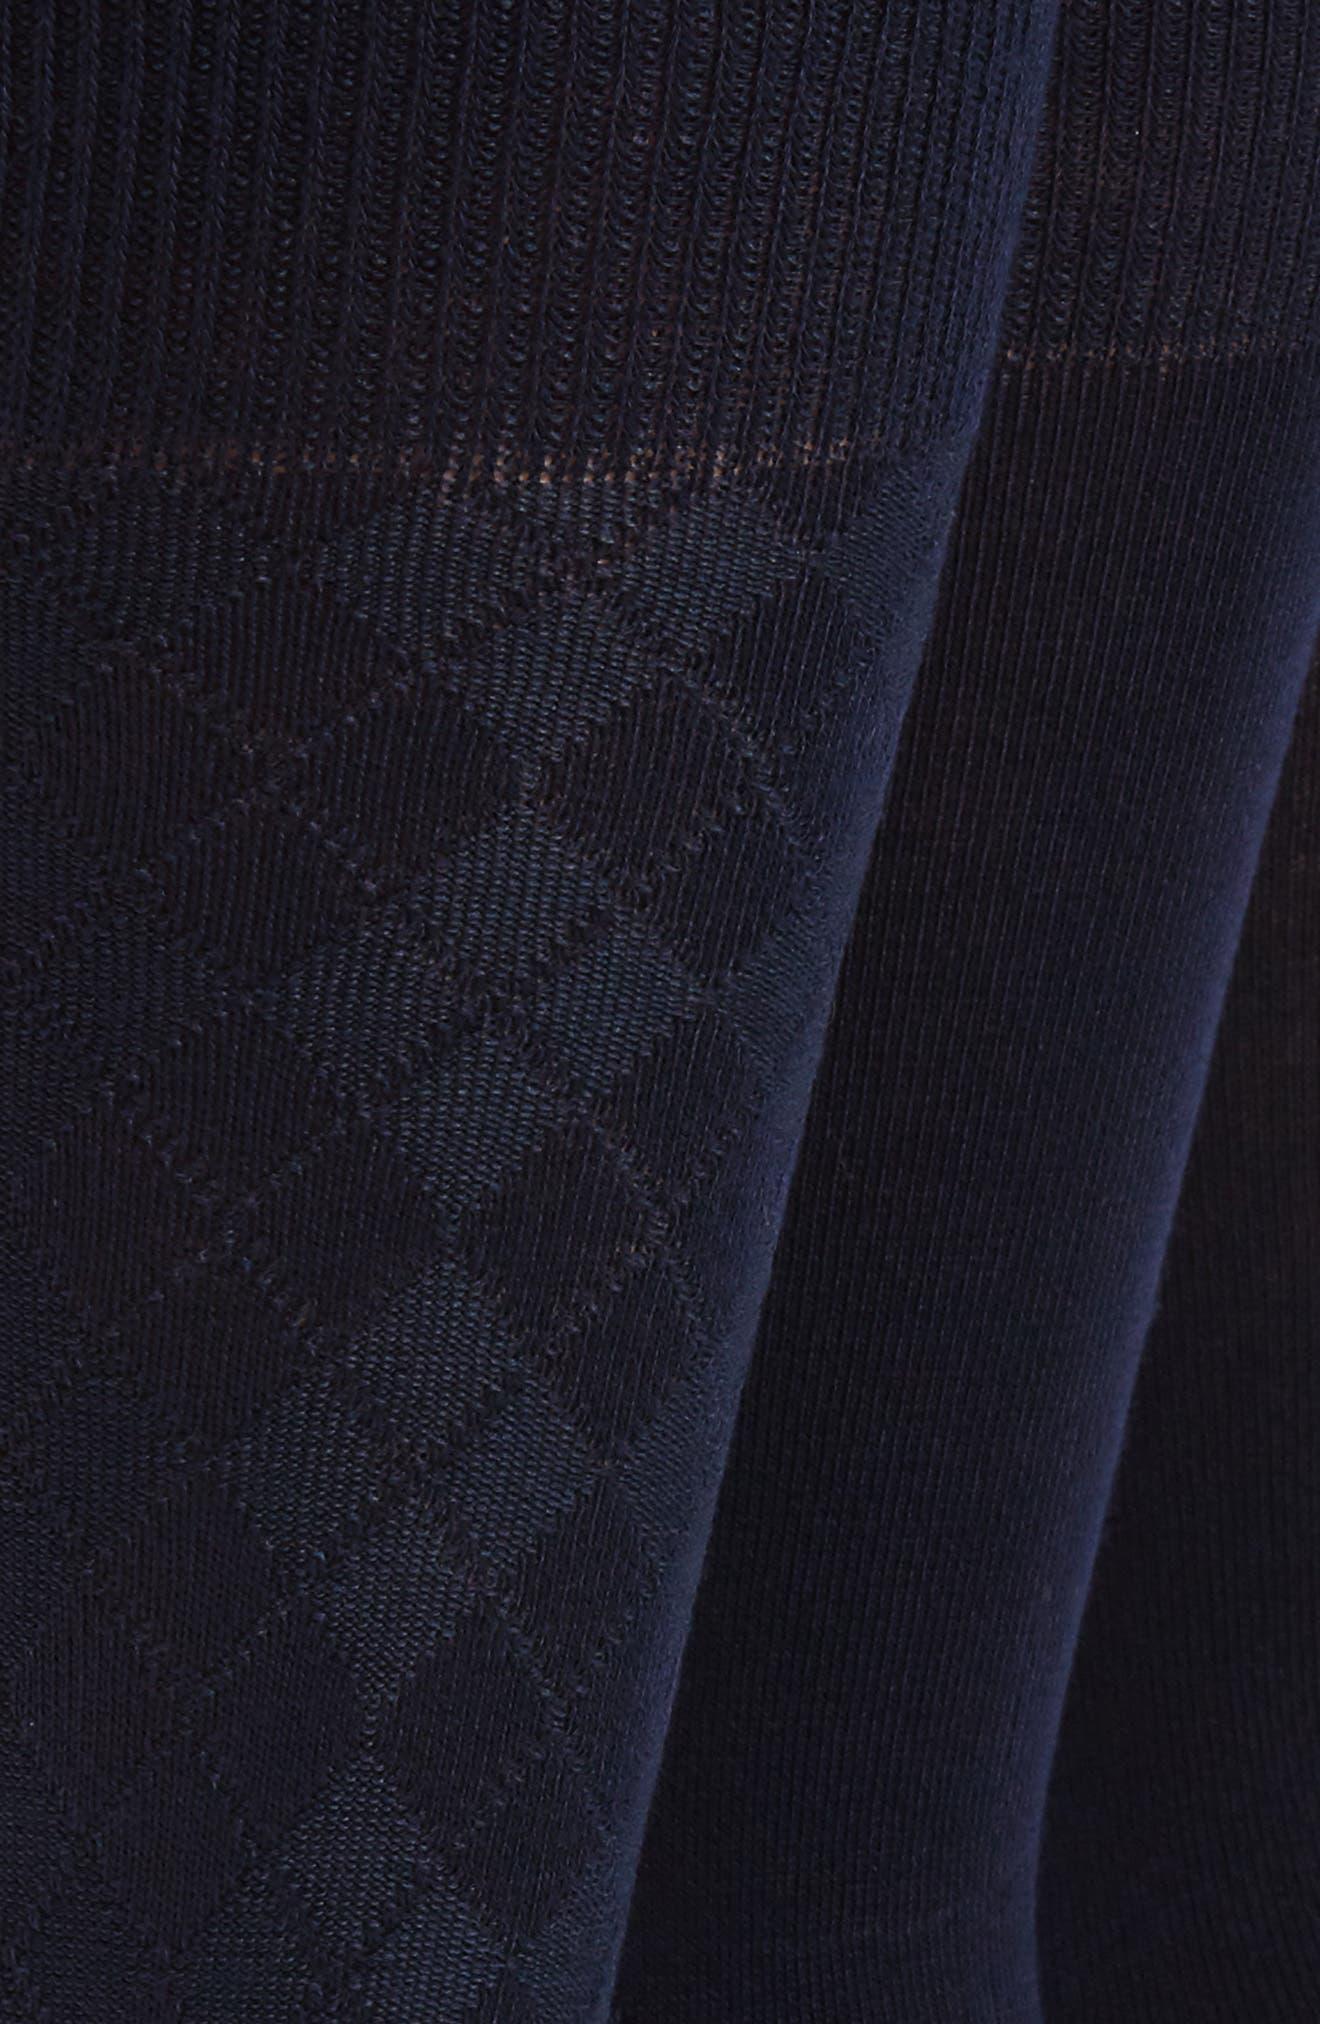 CALVIN KLEIN, 3-Pack Socks, Alternate thumbnail 2, color, NAVY